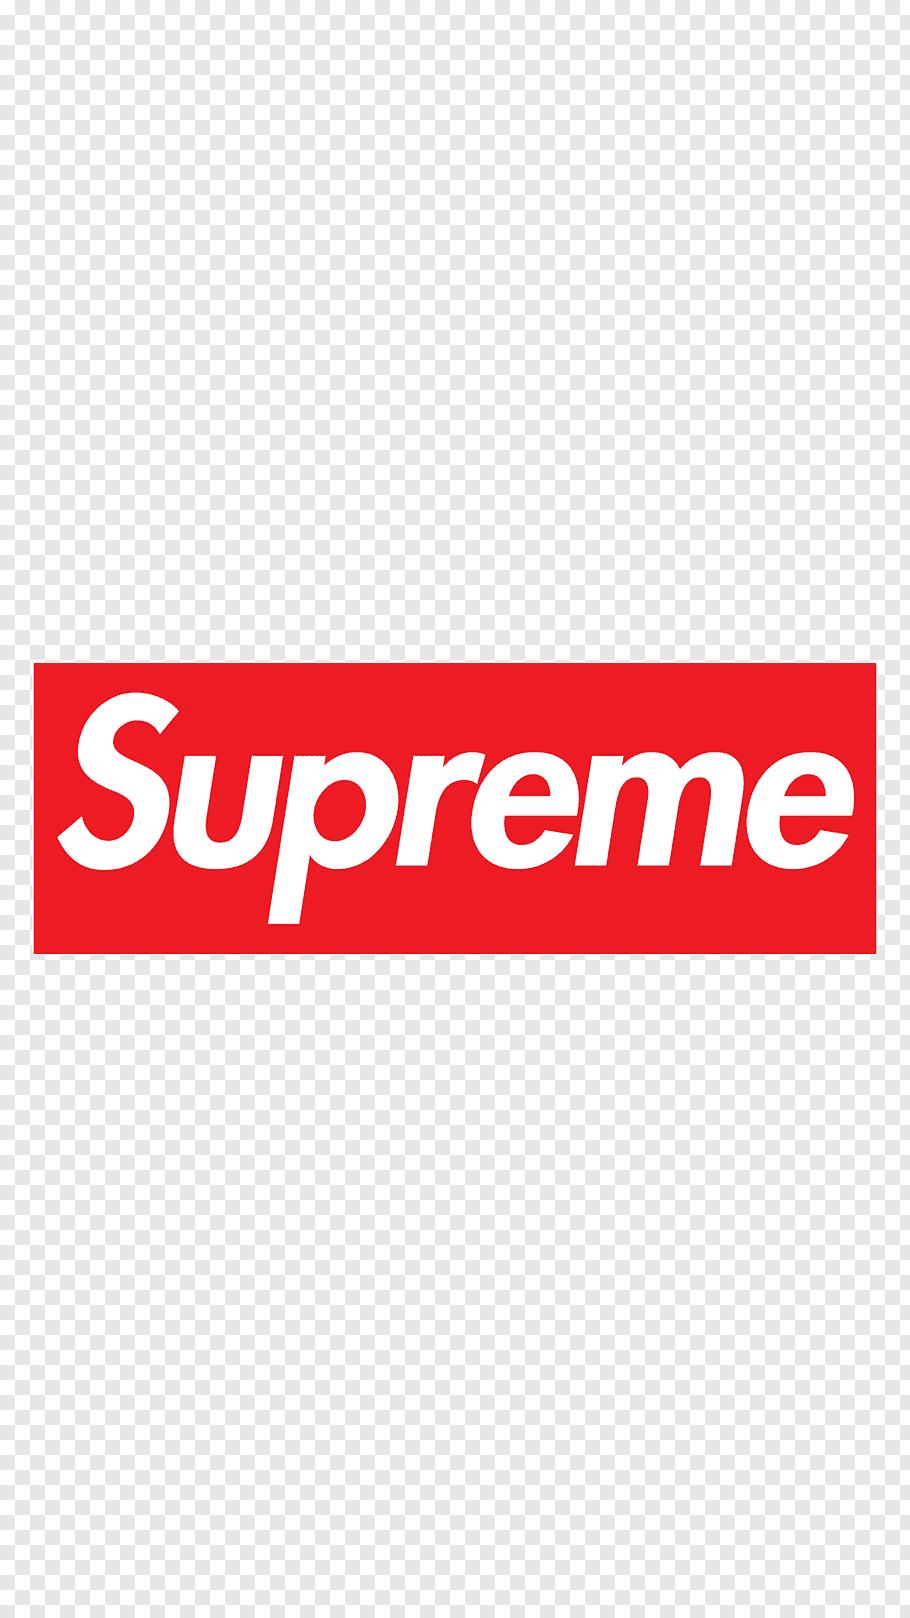 Supreme logo, Supreme T.